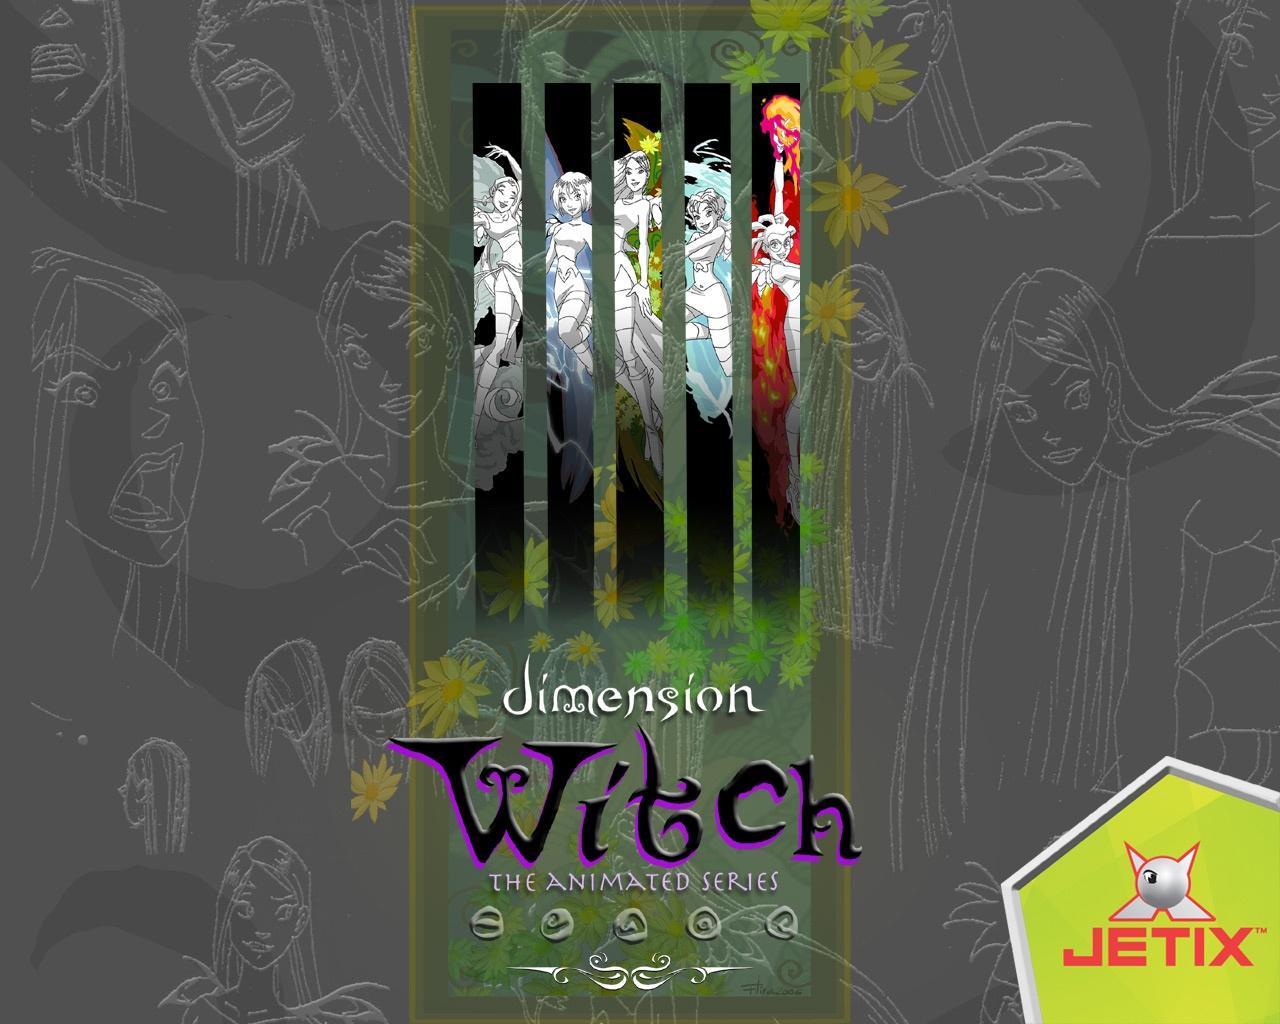 http://www.youloveit.ru/uploads/gallery/main/56/witch-oboi07.jpg